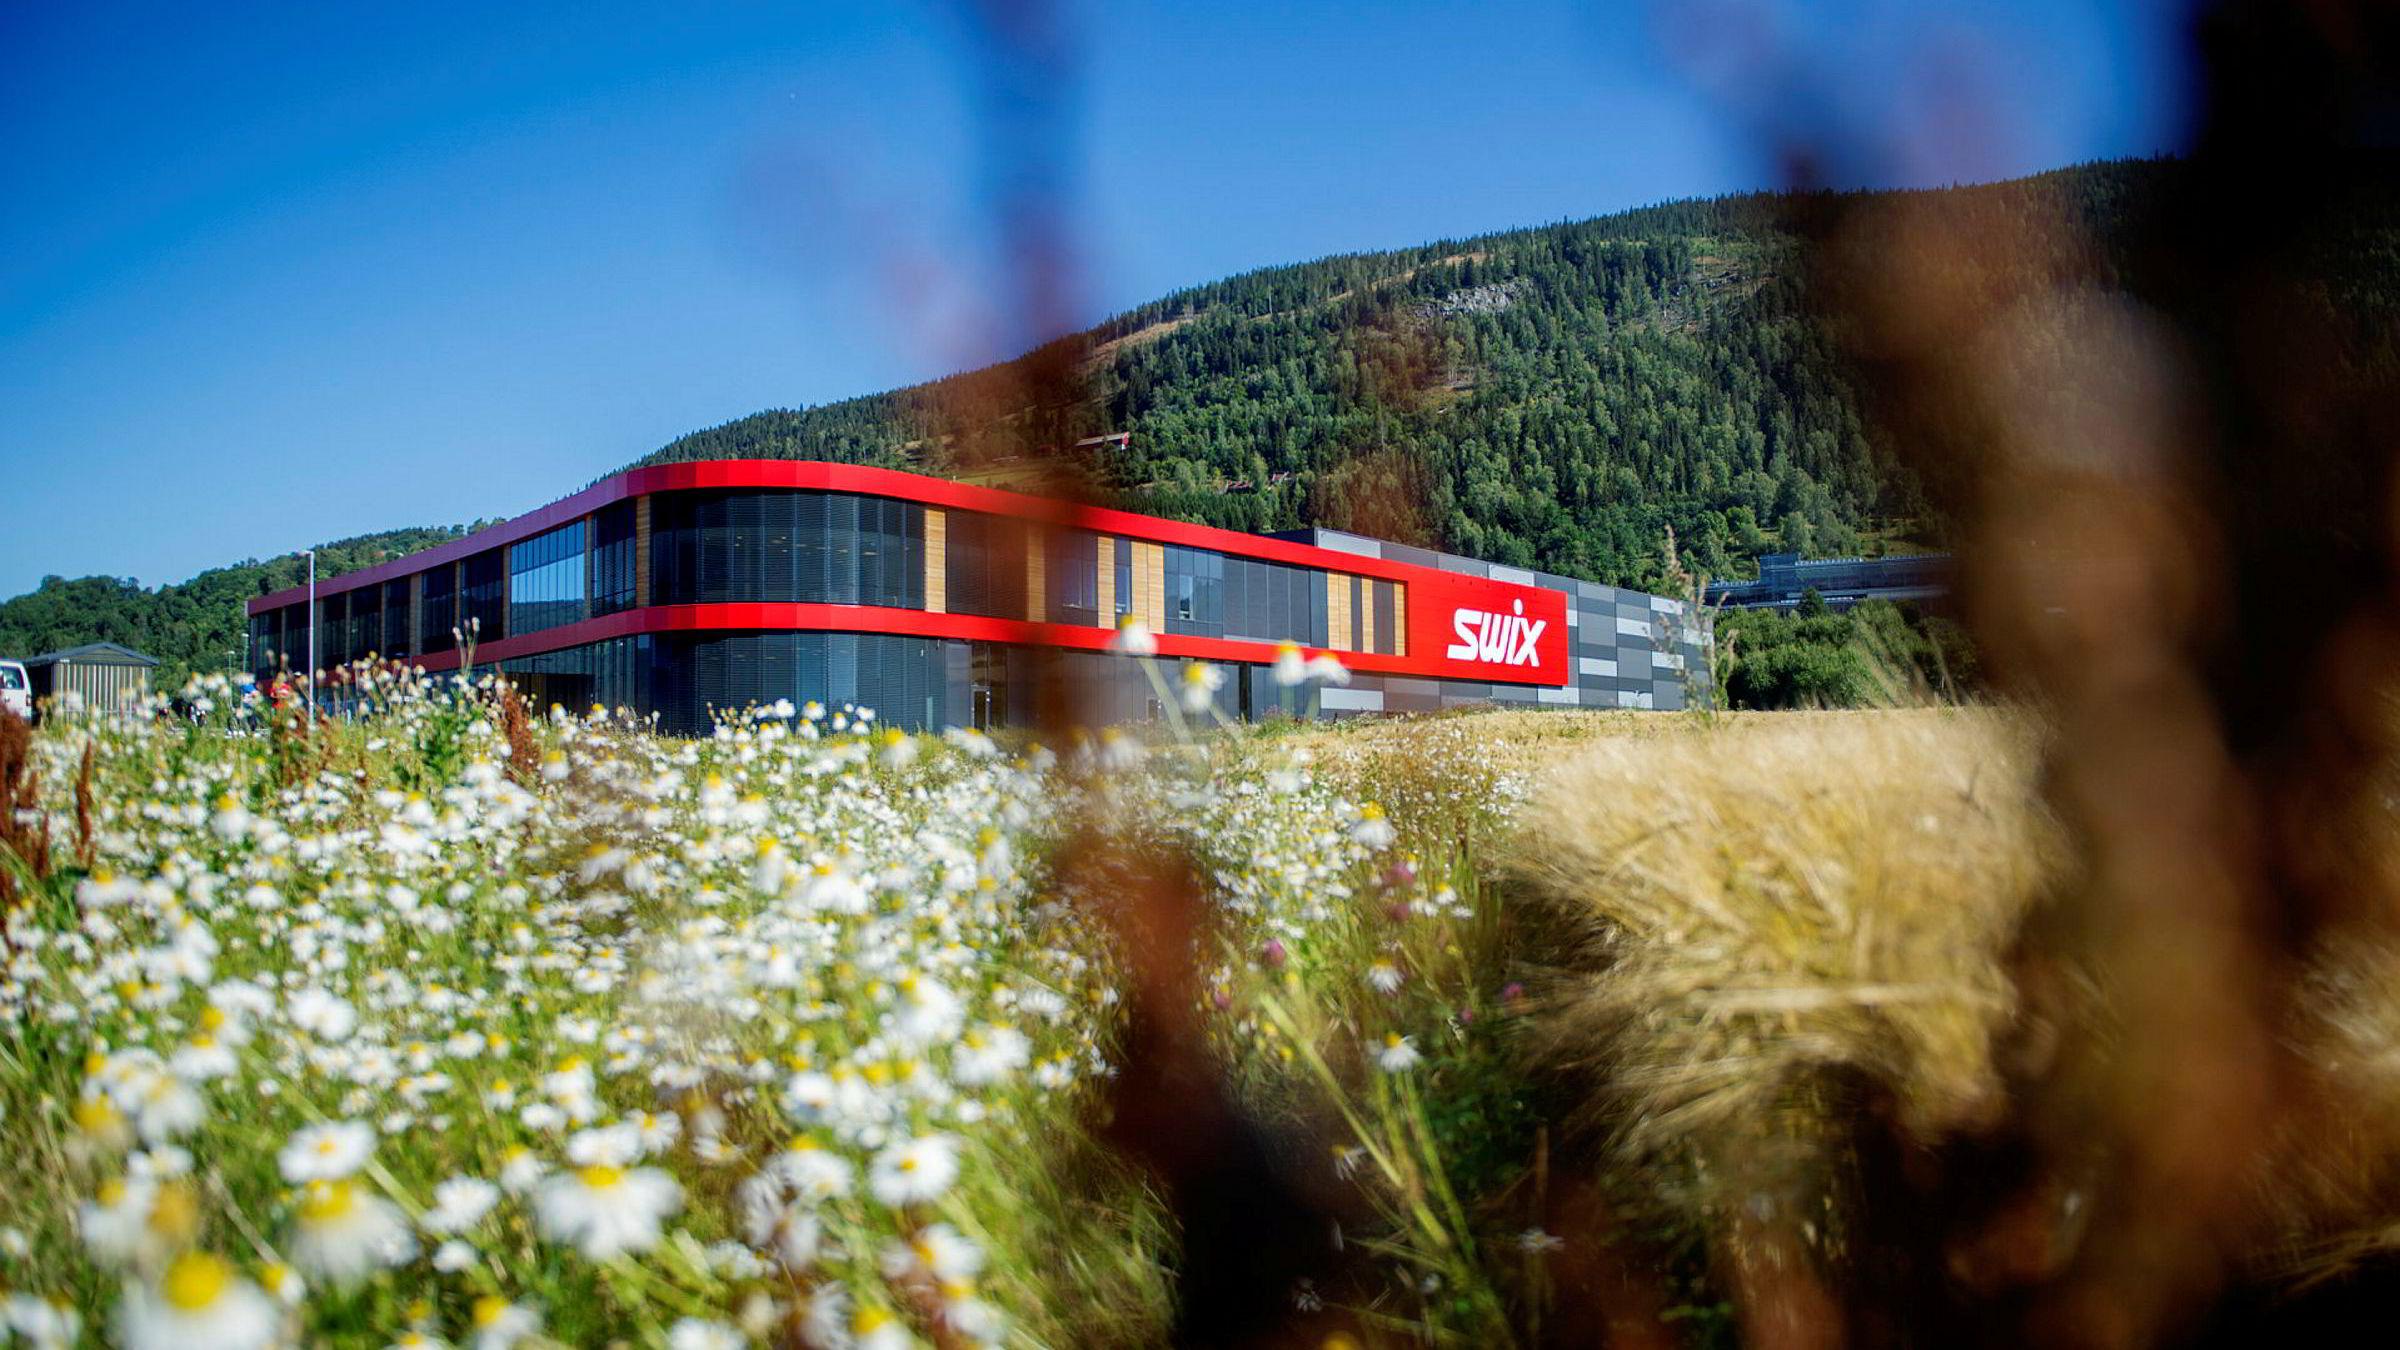 Swix Sport, med sitt hovedkvarter i Blåswixveien, blir styrket på friluftslivsiden med oppkjøpet av Helsport. Foto: Thomas Haugersveen